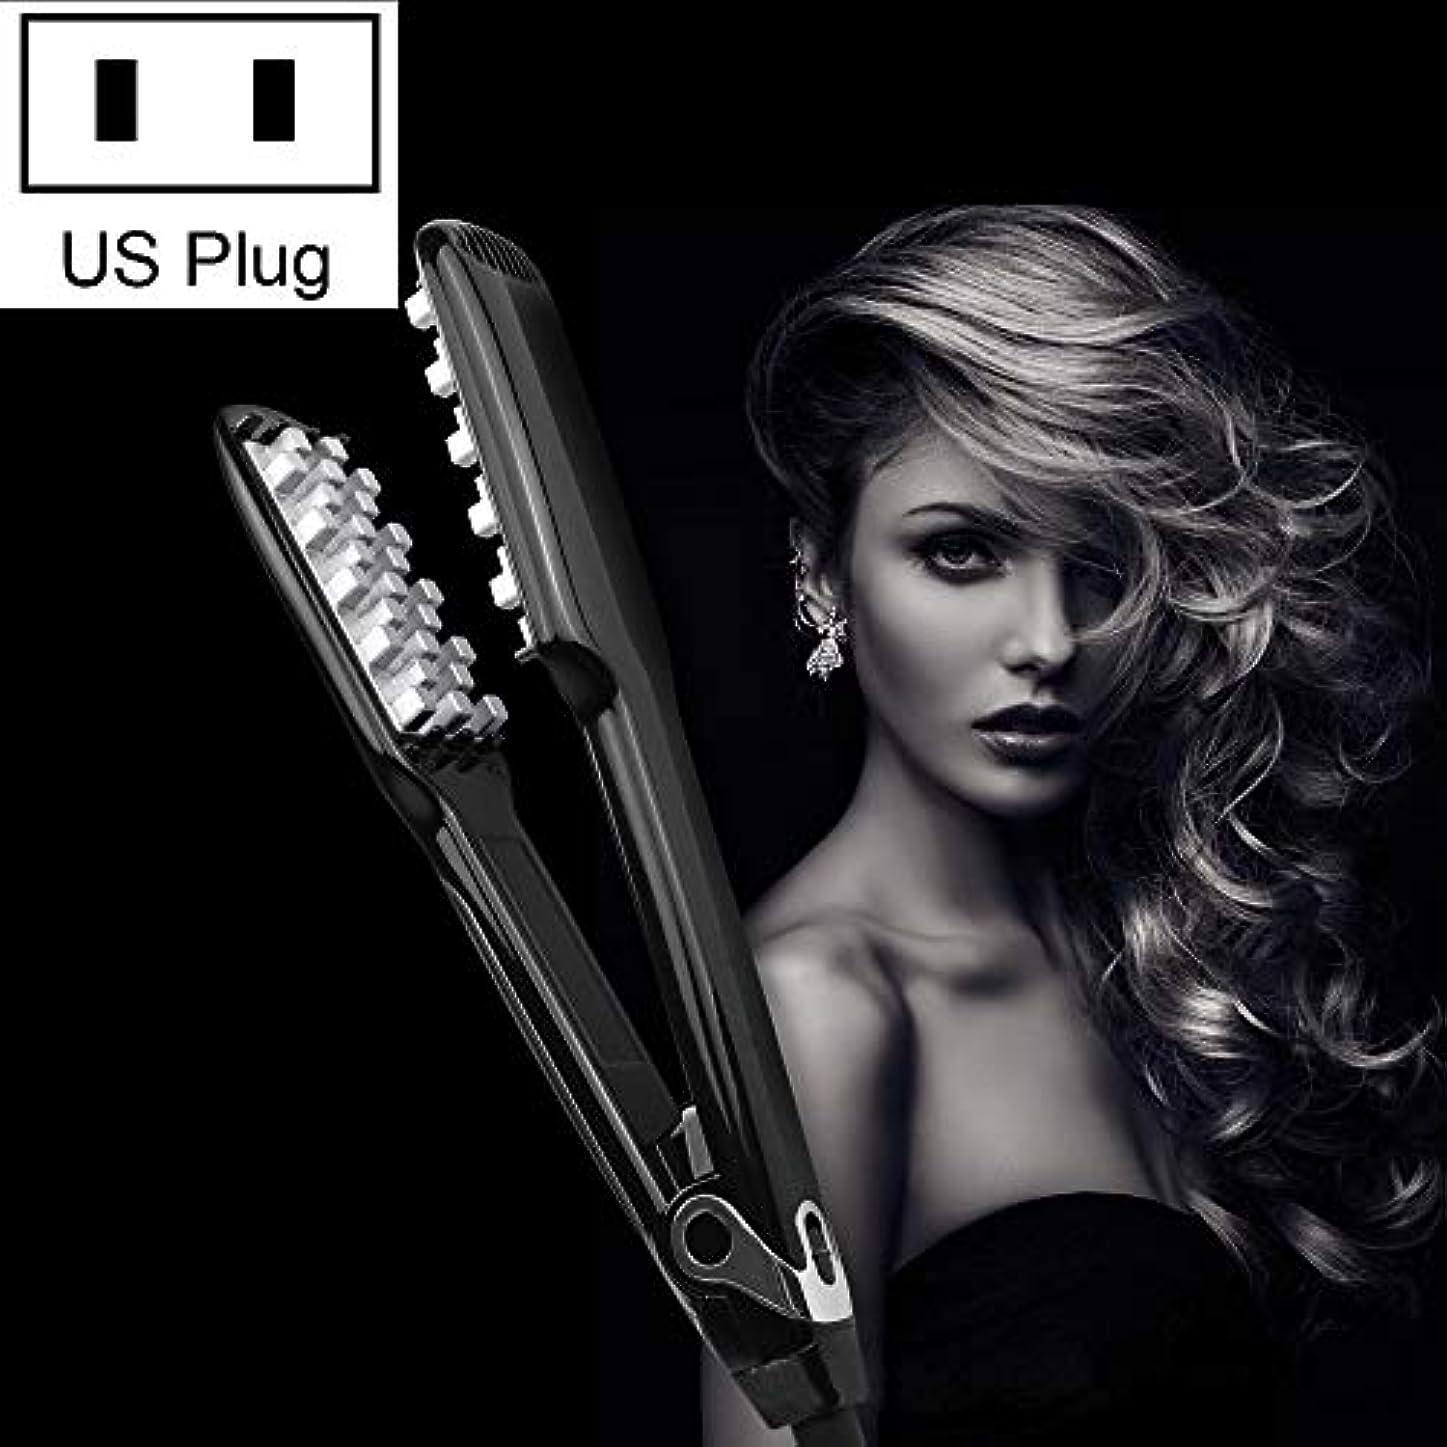 各うそつき二年生WTYD 美容ヘアツール WT042 150 Wデジタルディスプレイ自動ヘアカーラー副木、米国プラグ (色 : Black)